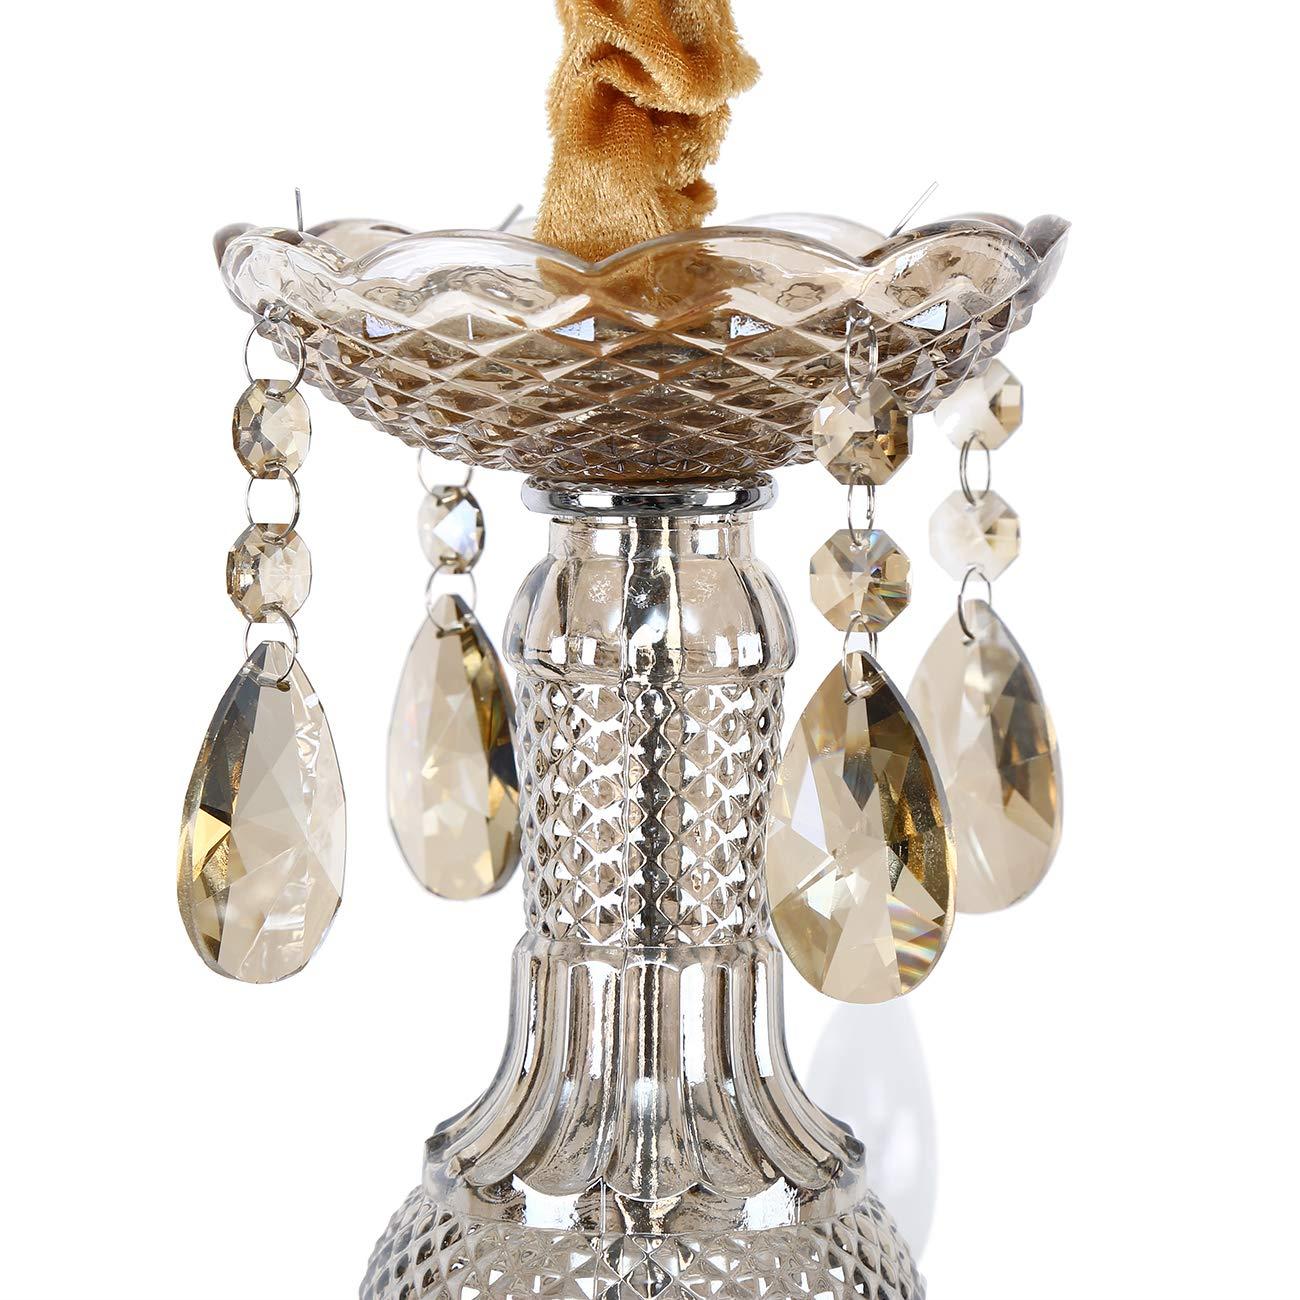 TryESeller 10 braccio Lampadario K9 cristallo Plafoniera E12 Pendente Lampada Cognac Colore per Soggiorno Camera da letto Ingresso